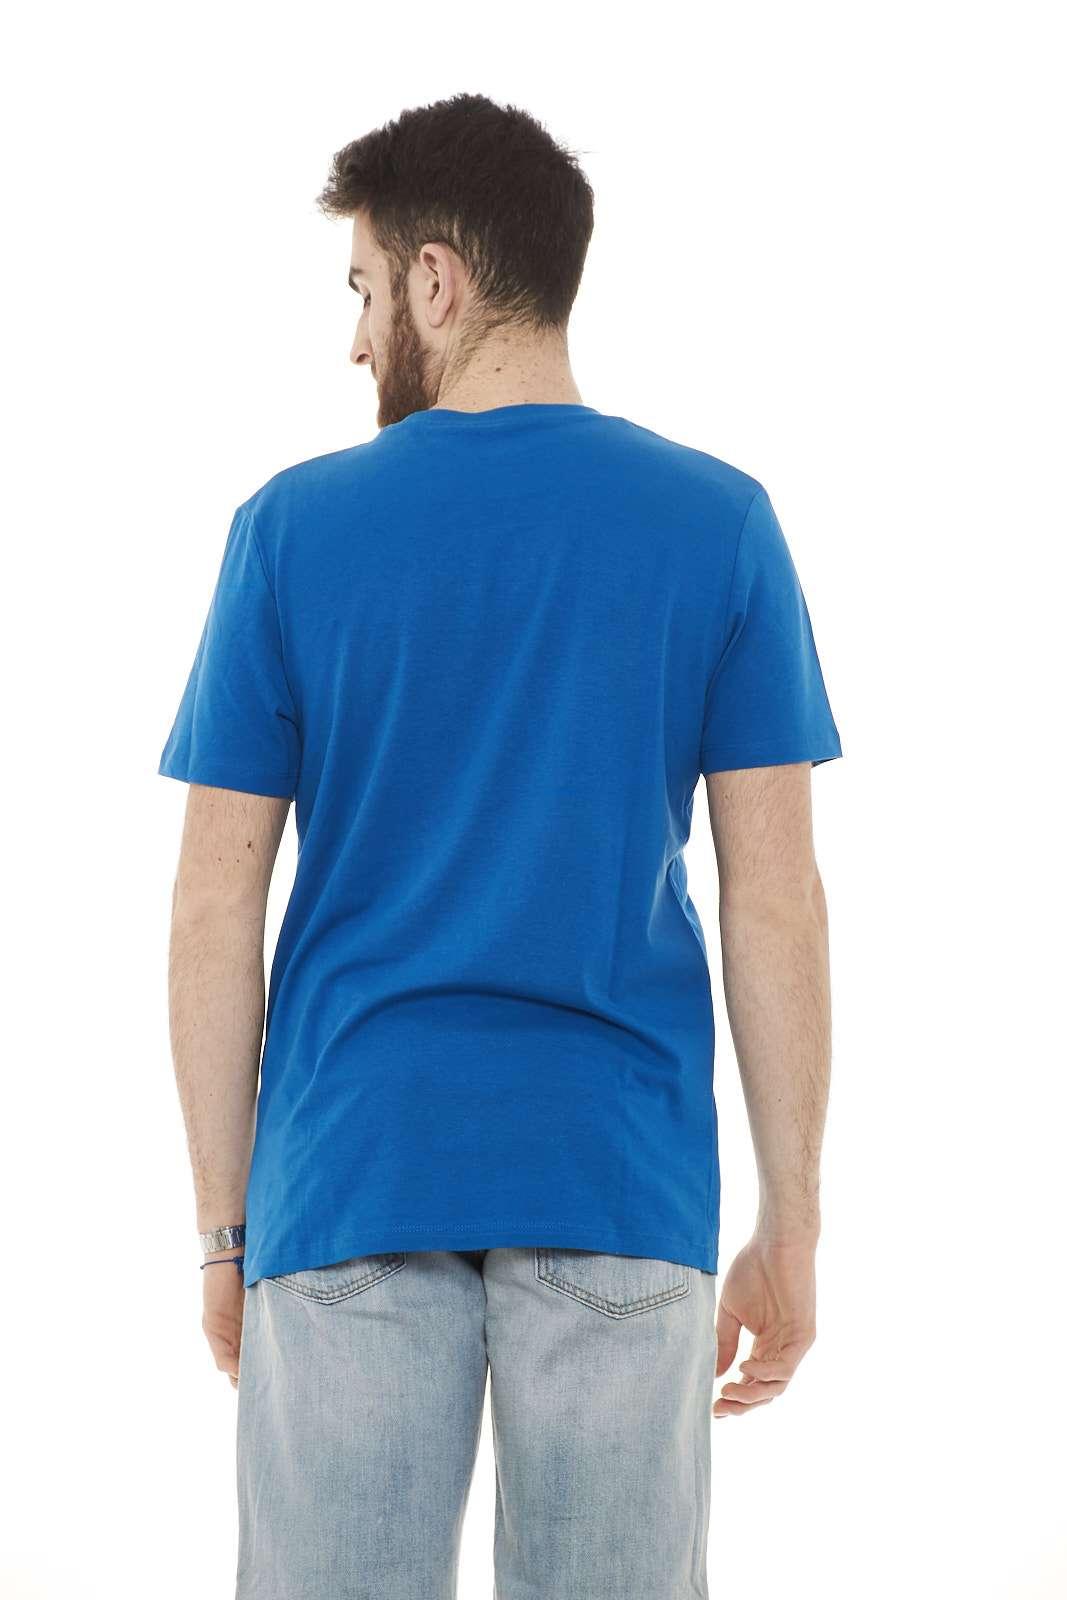 PE-outlet_parmax-t-shirt-uomo-jack-e-Jones-12108920